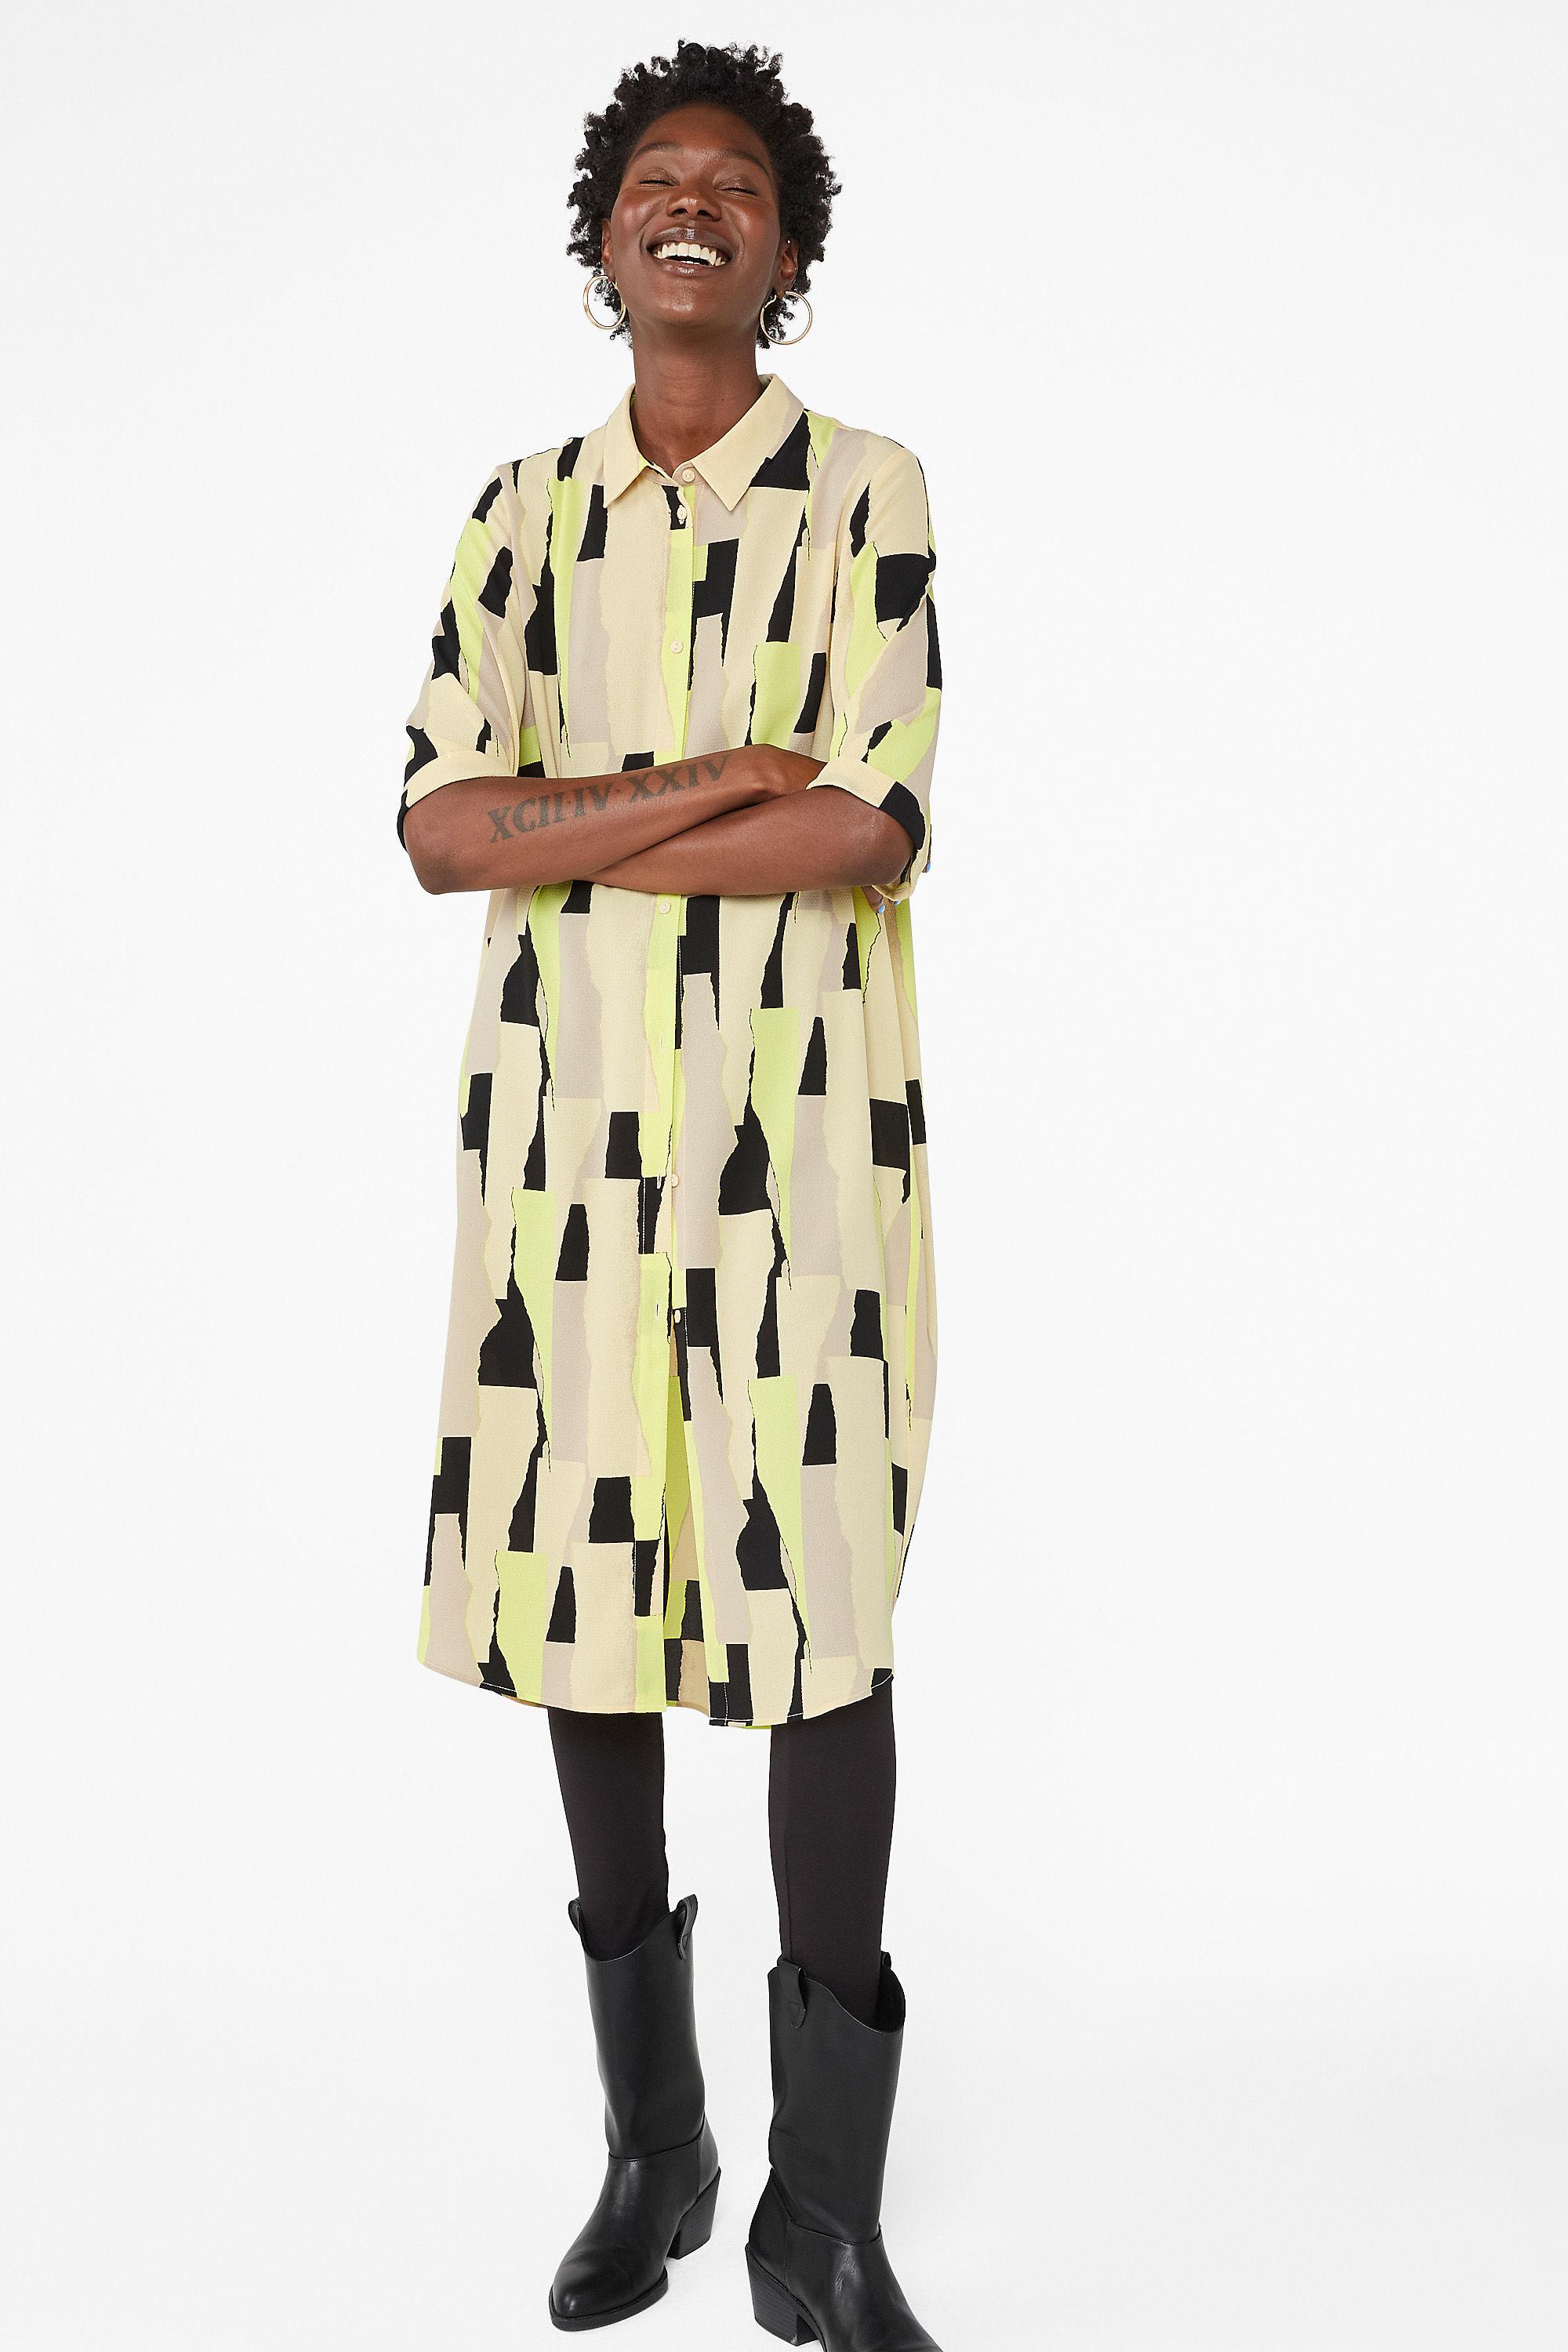 Monki highlighter pen print button-up shirt dress, £30